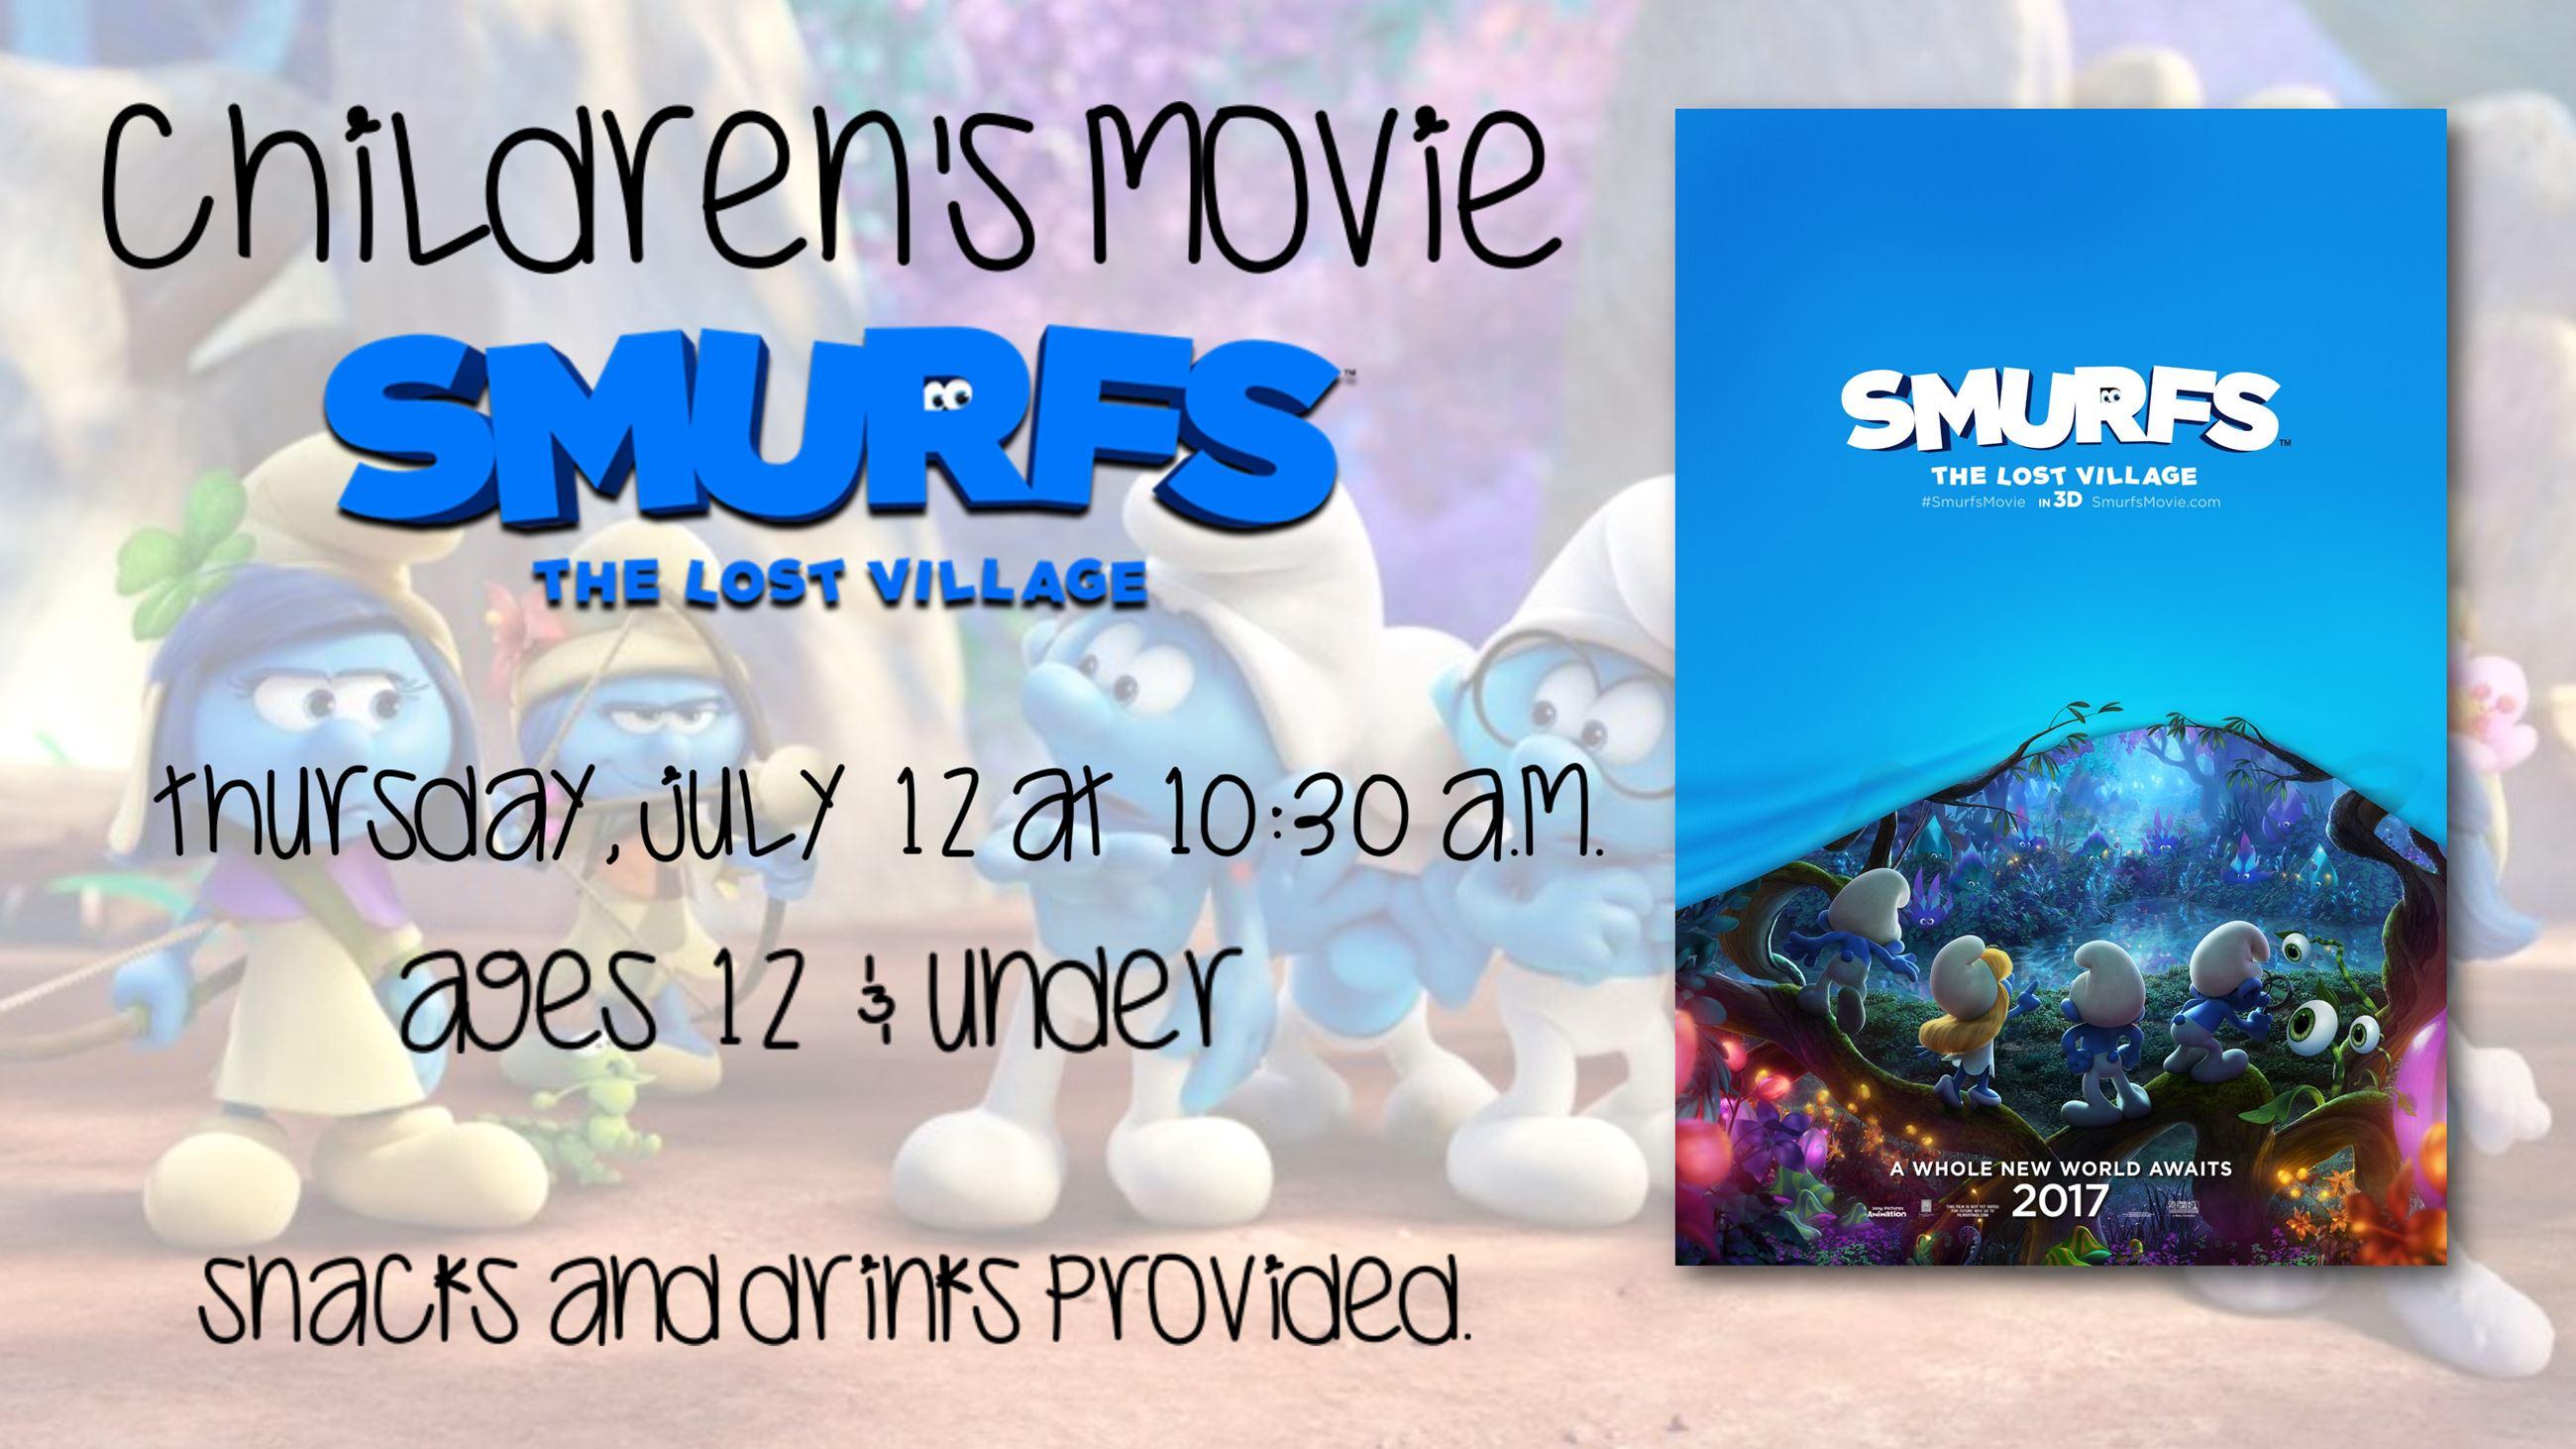 Childrens Movie